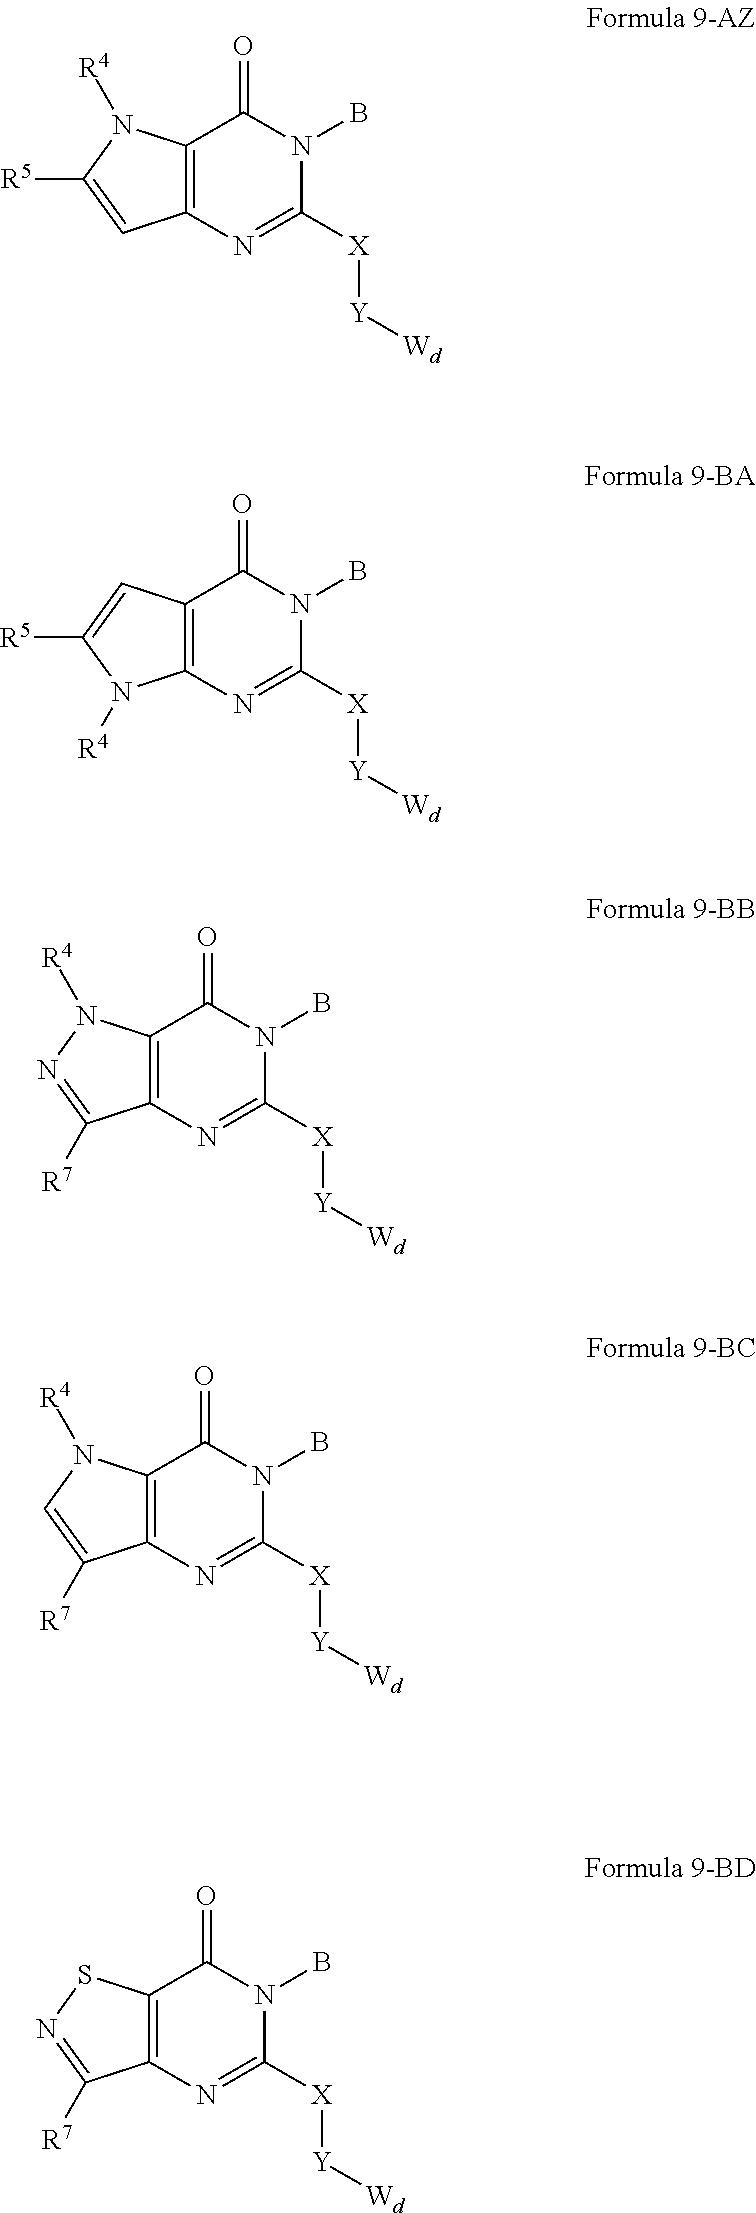 Figure US20110046165A1-20110224-C00325